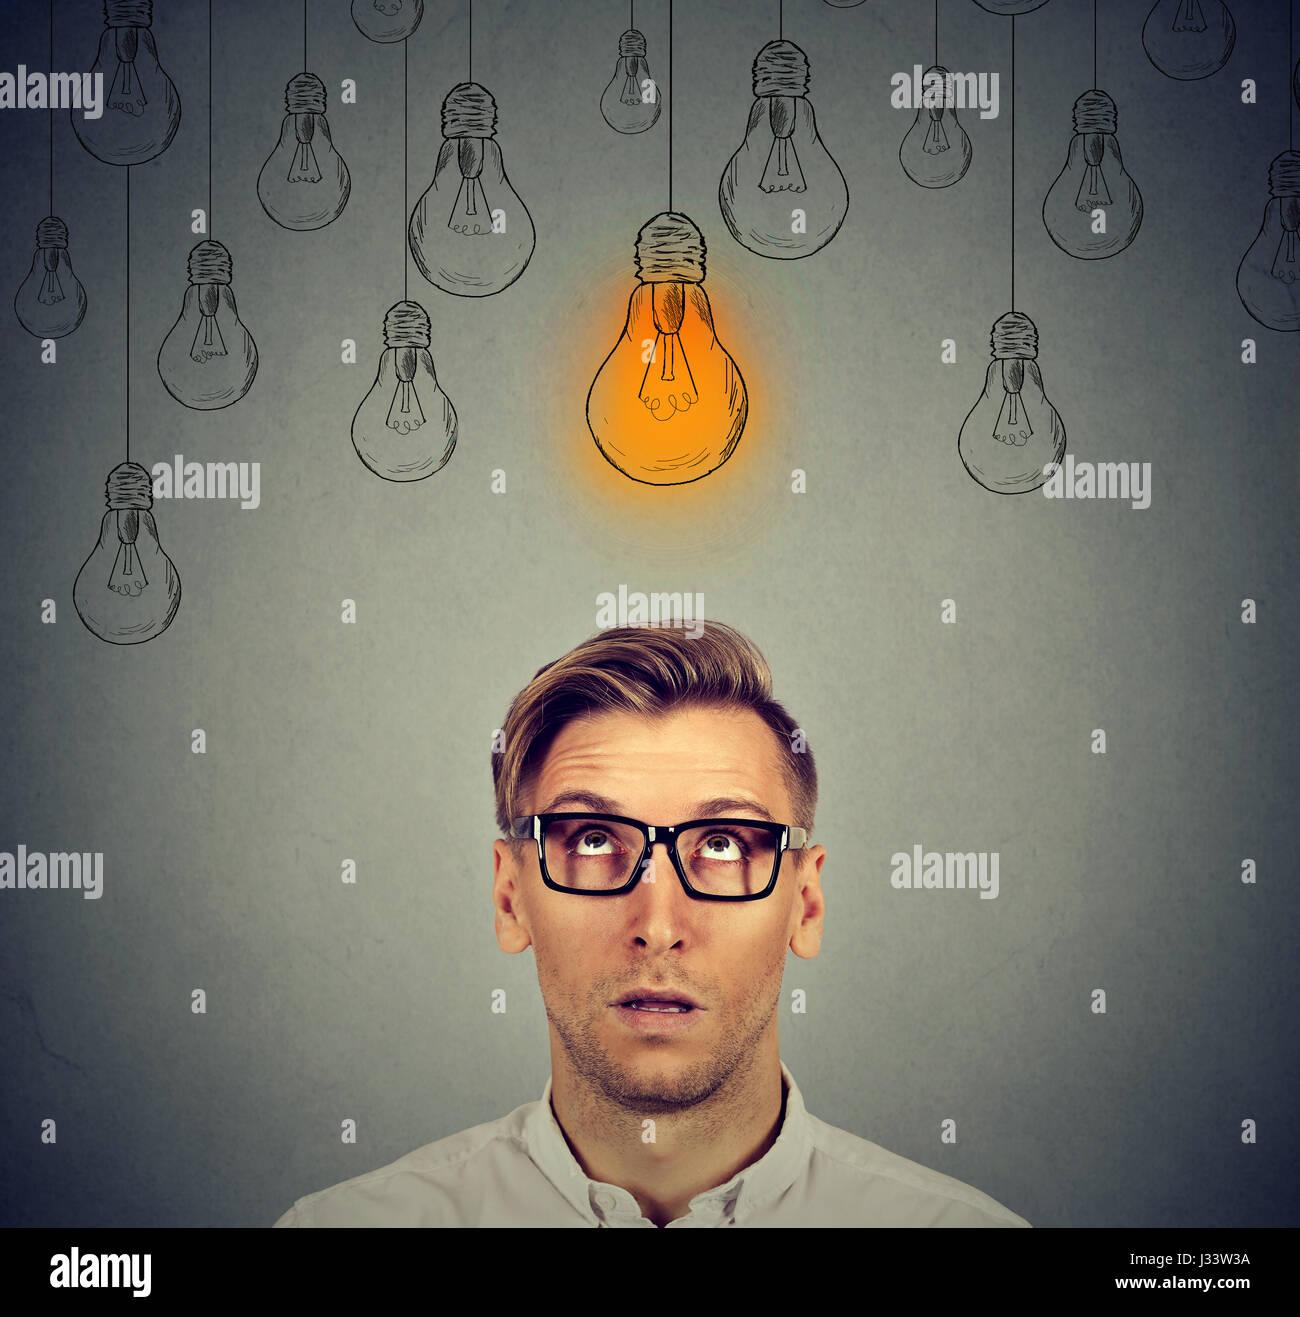 Considerato l uomo in bicchieri cercando con luce idea segno della lampadina sopra la testa ha un'idea isolata Immagini Stock